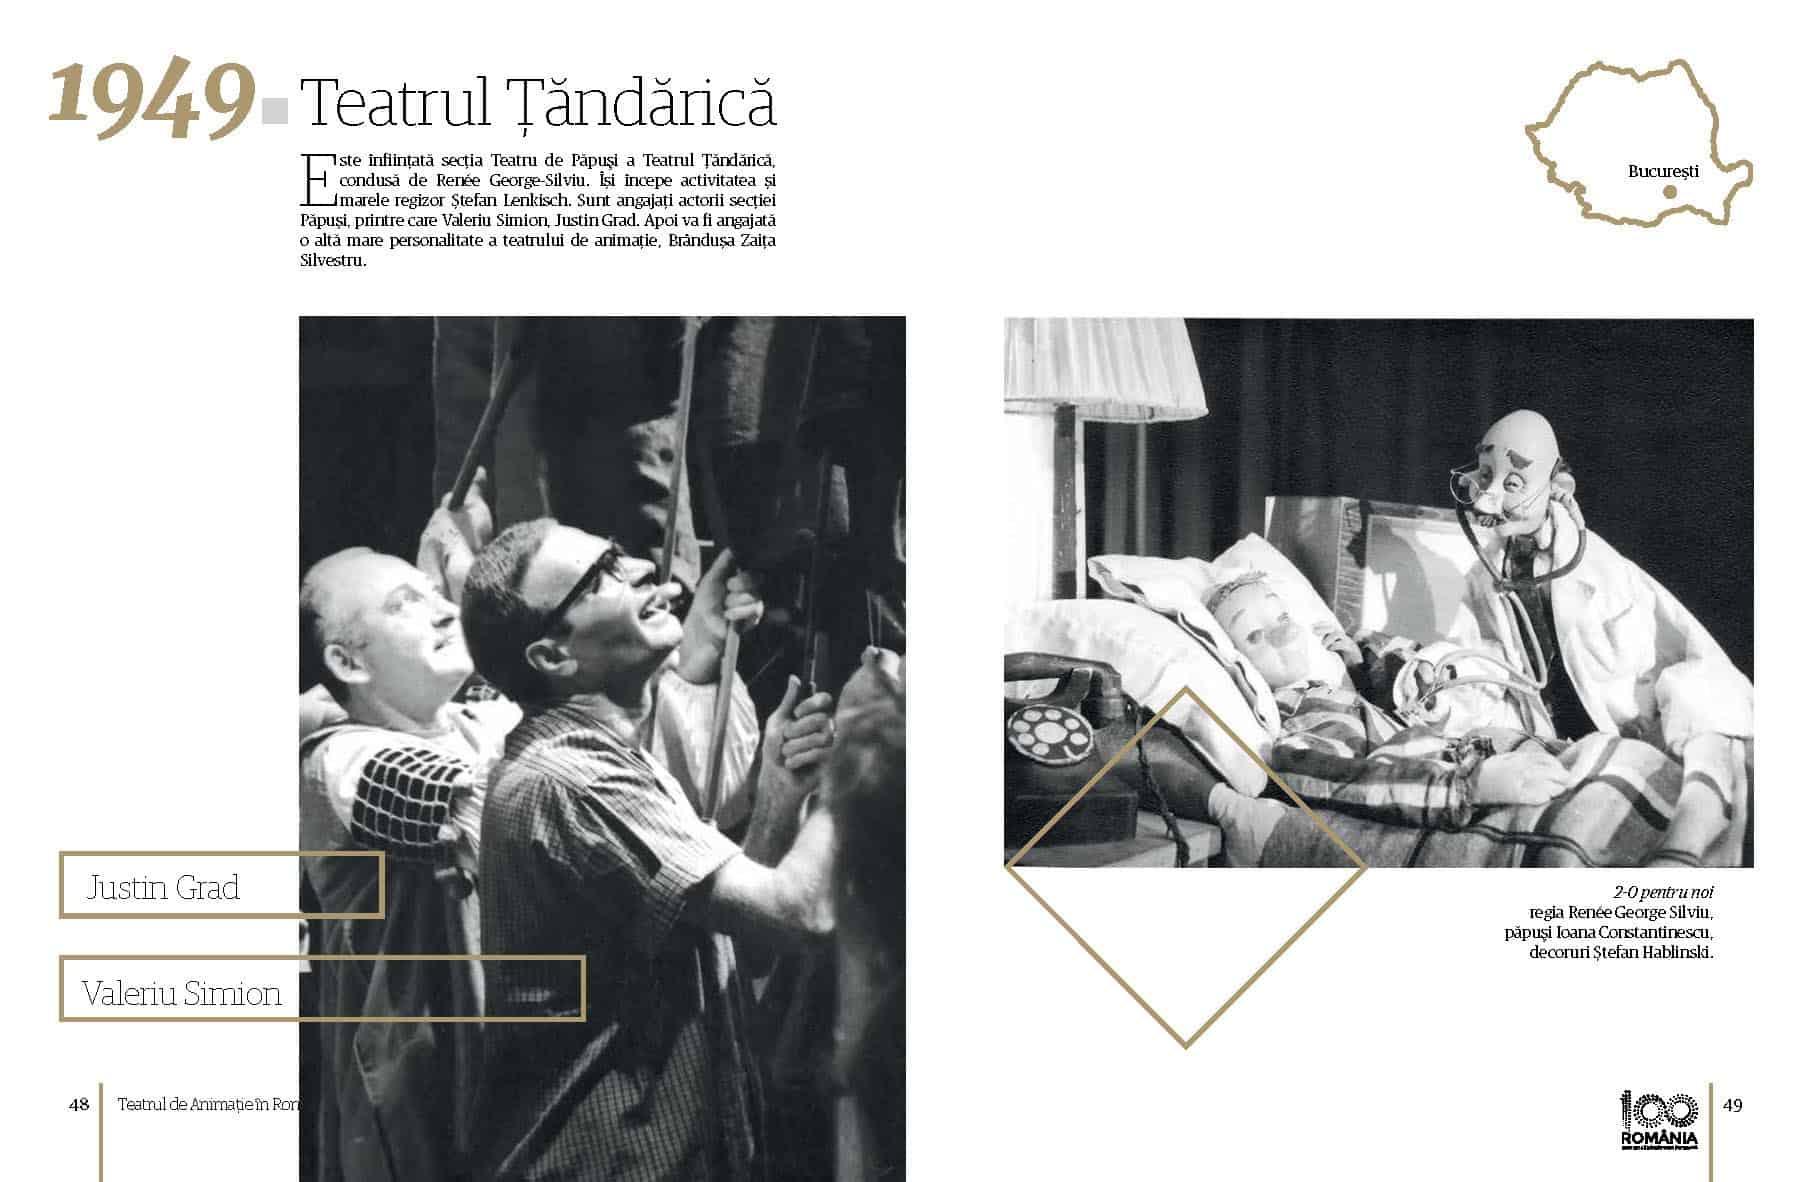 Album Teatrul de Animatie in Romania final preview fata in fata Page 25